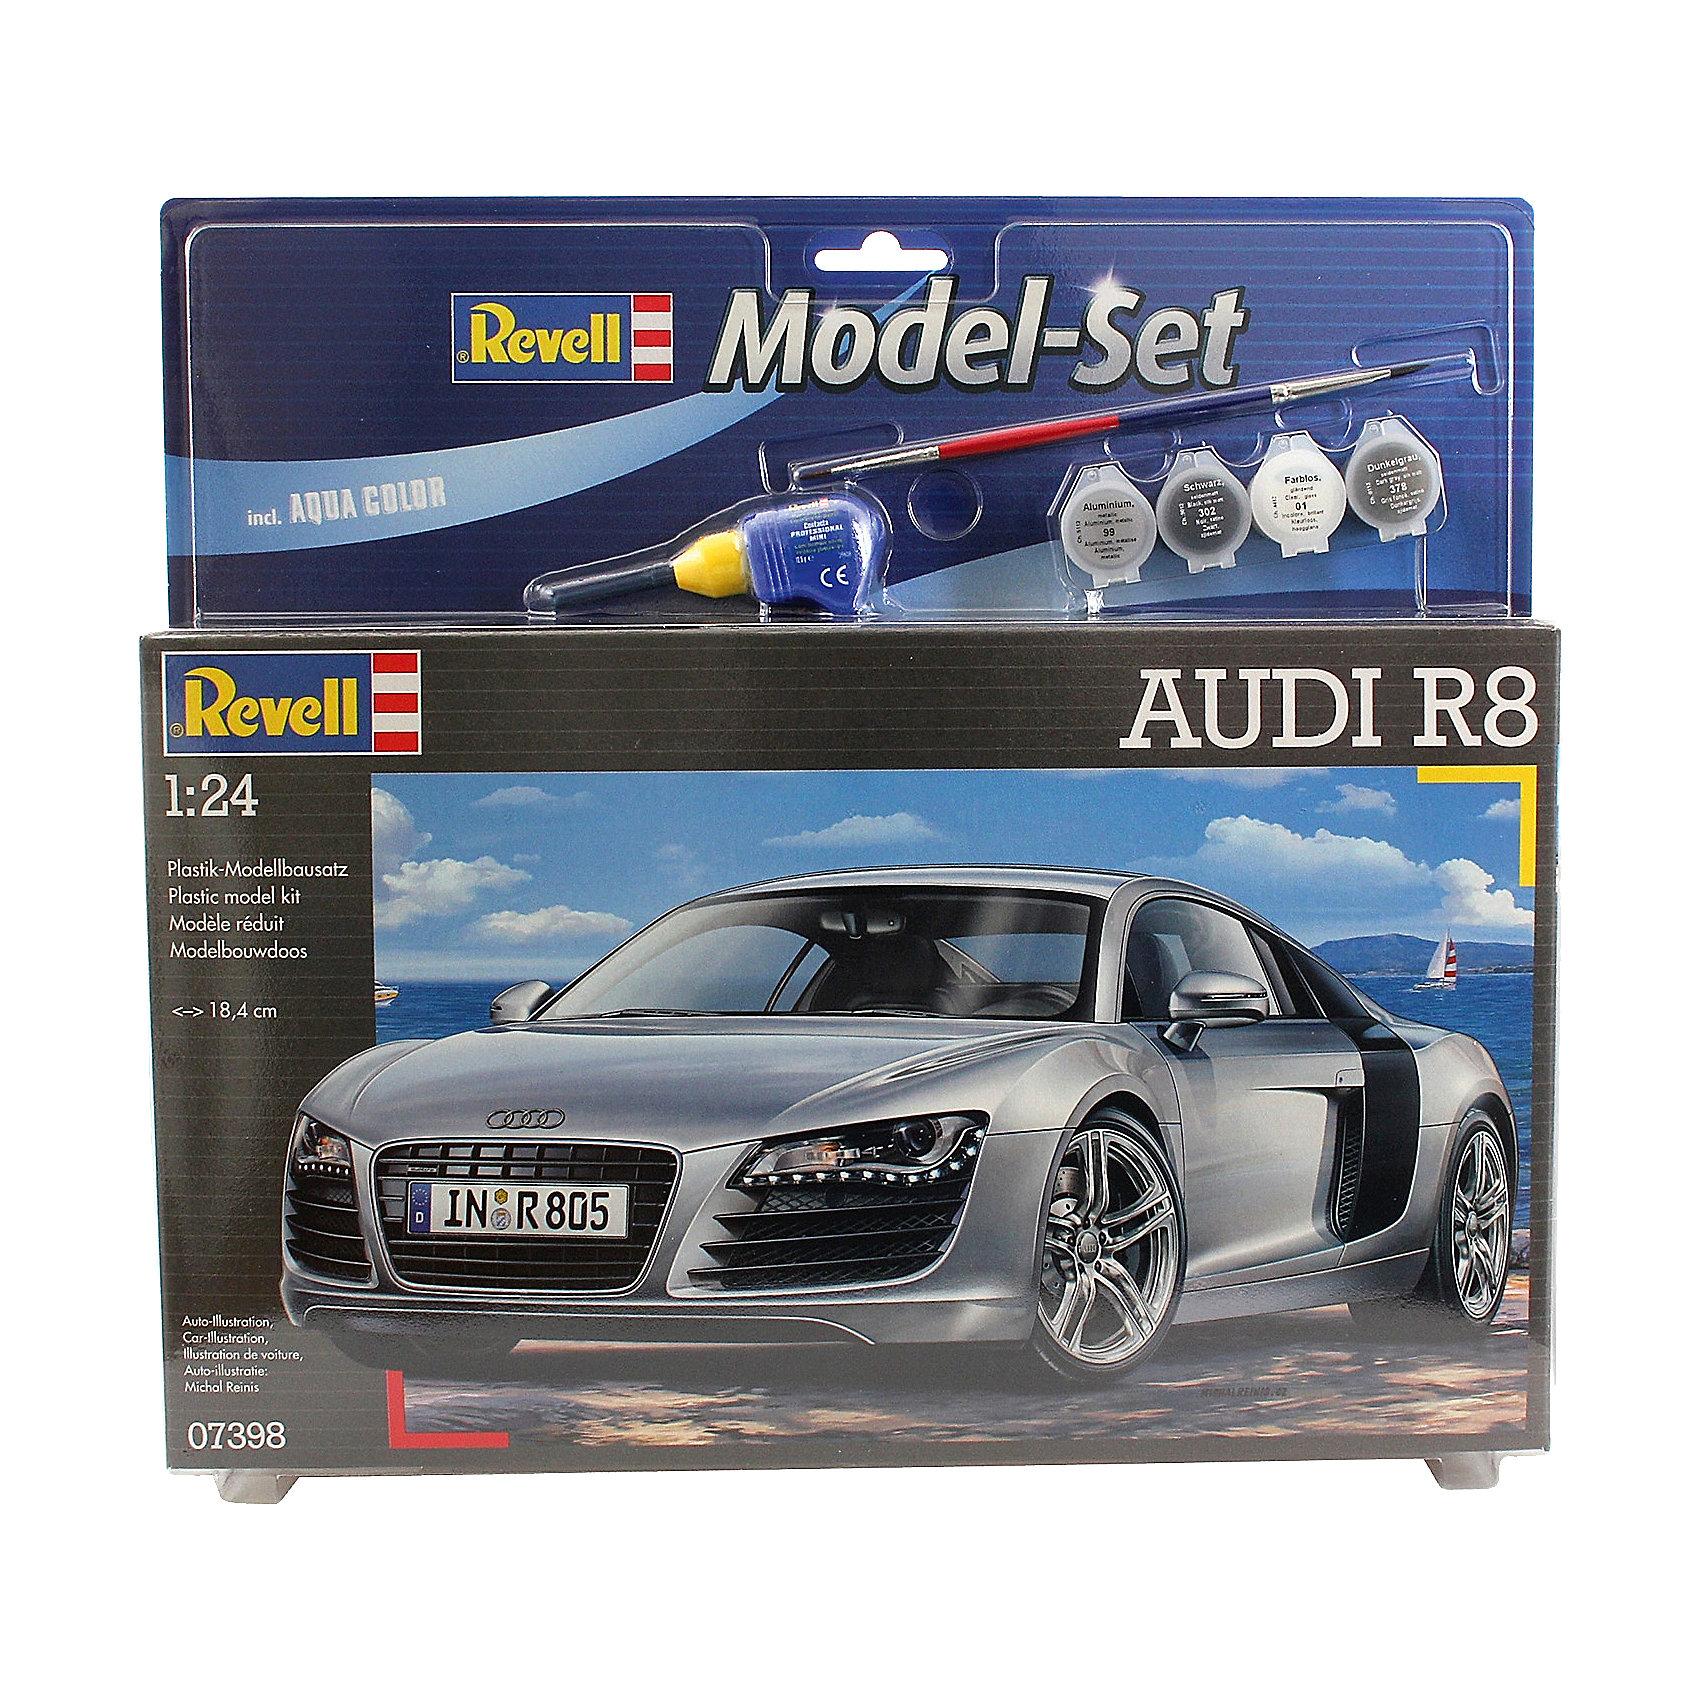 Набор А/М Audi R8 (1/24)Сборные модели транспорта<br>Масштаб: 1:24; <br>Количество деталей: 106 шт.; <br>Длина модели: 184 мм.; <br>Подойдет для детей старше 10-и лет. <br>Модель автомобиля Audi R8 года от фирмы Revell является уменьшенной копией одного из лучших суперкаров Audi R8 - станет отличным украшением комнаты и дополнением Вашей коллекции. <br>Технические характеристики настоящего автомобиля:  <br>Максимальная скорость: 316 км/ч; <br>Вес: 1,5 т.; <br>В набор входят краски, клей и кисточка.<br><br>Ширина мм: 373<br>Глубина мм: 340<br>Высота мм: 73<br>Вес г: 599<br>Возраст от месяцев: 120<br>Возраст до месяцев: 180<br>Пол: Мужской<br>Возраст: Детский<br>SKU: 1696229